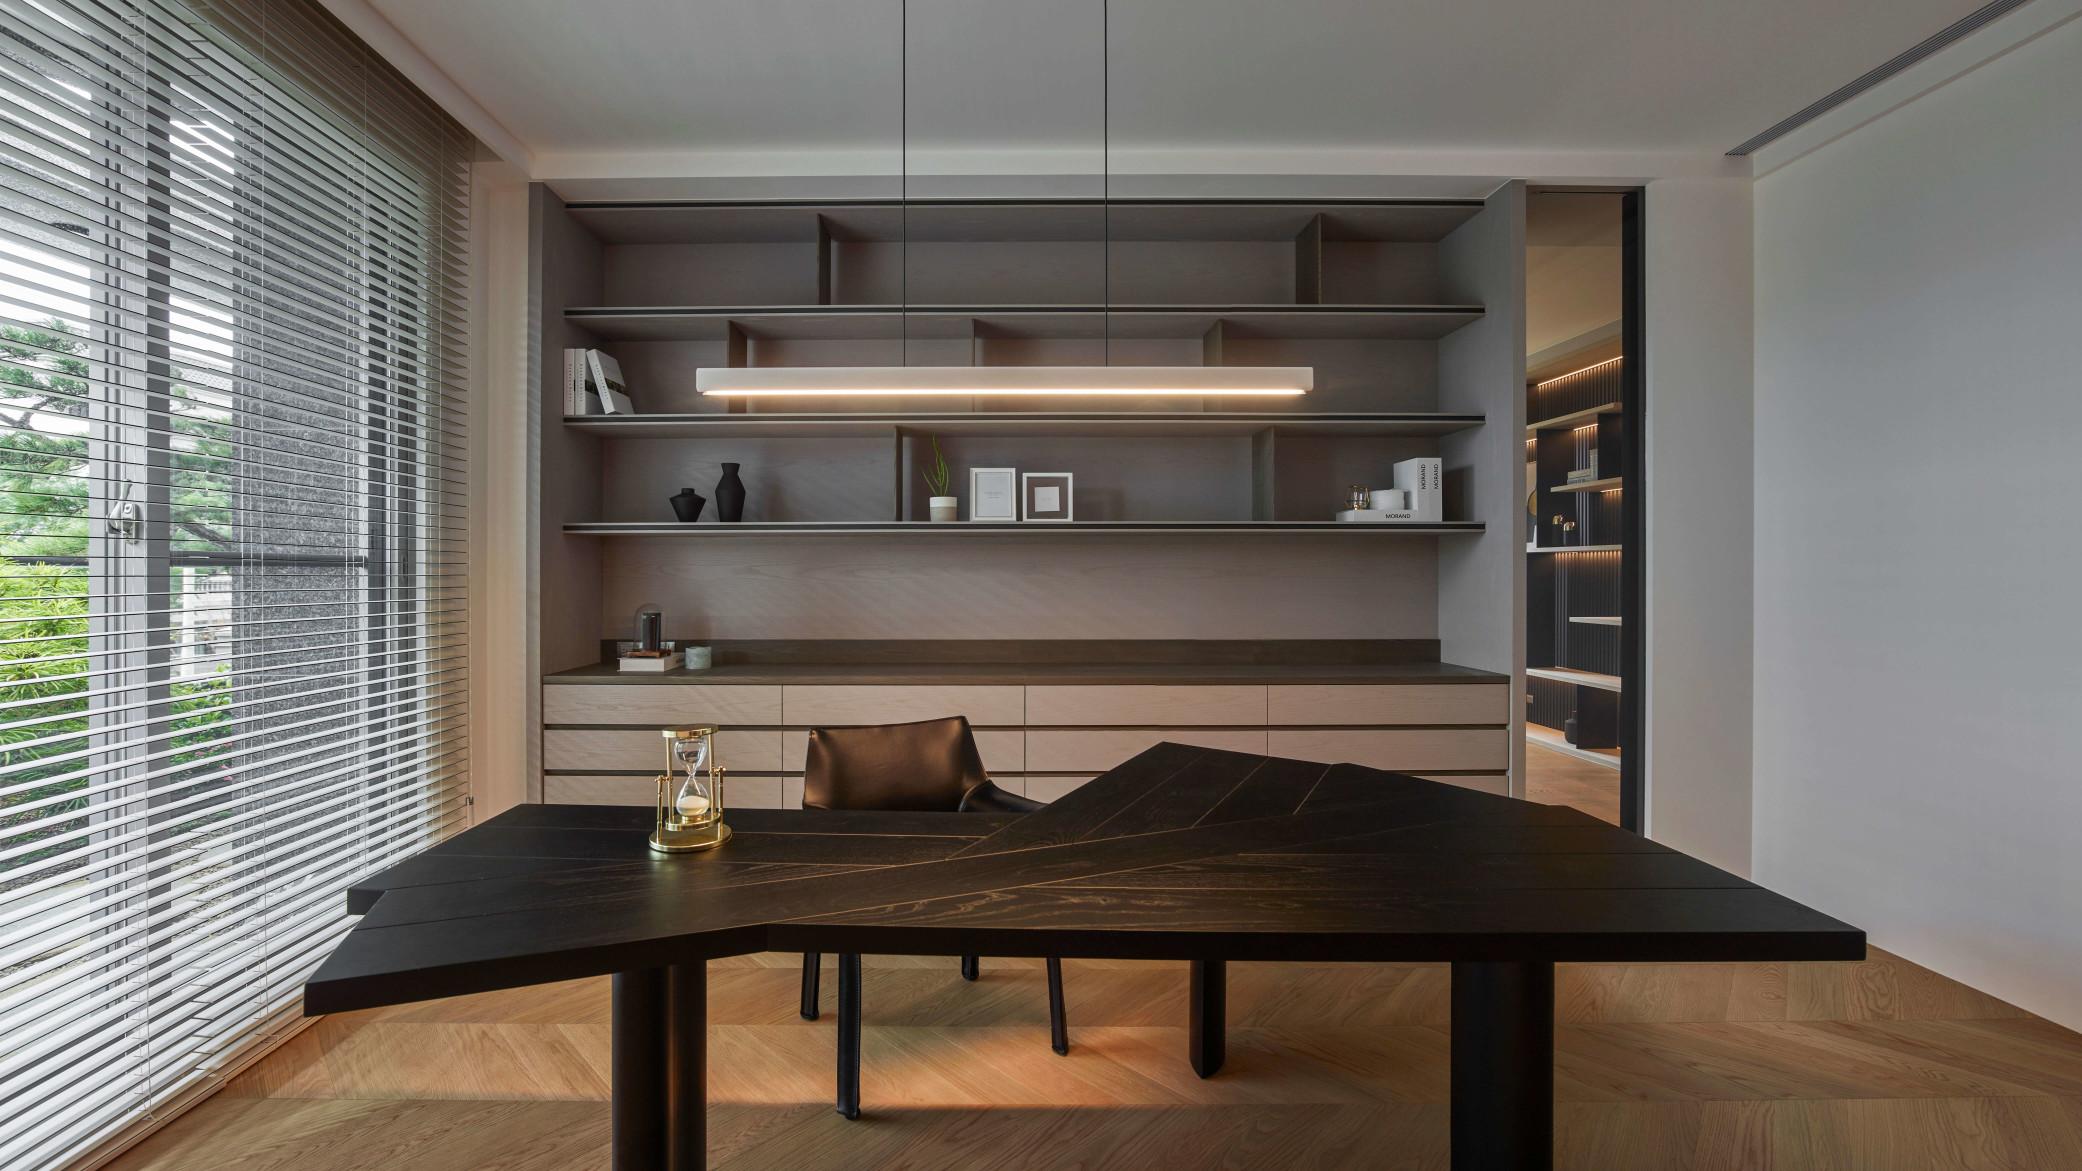 台中分子室內裝修設計 - 裝修住宅設計 - 自地自建 - 書房閱讀空間